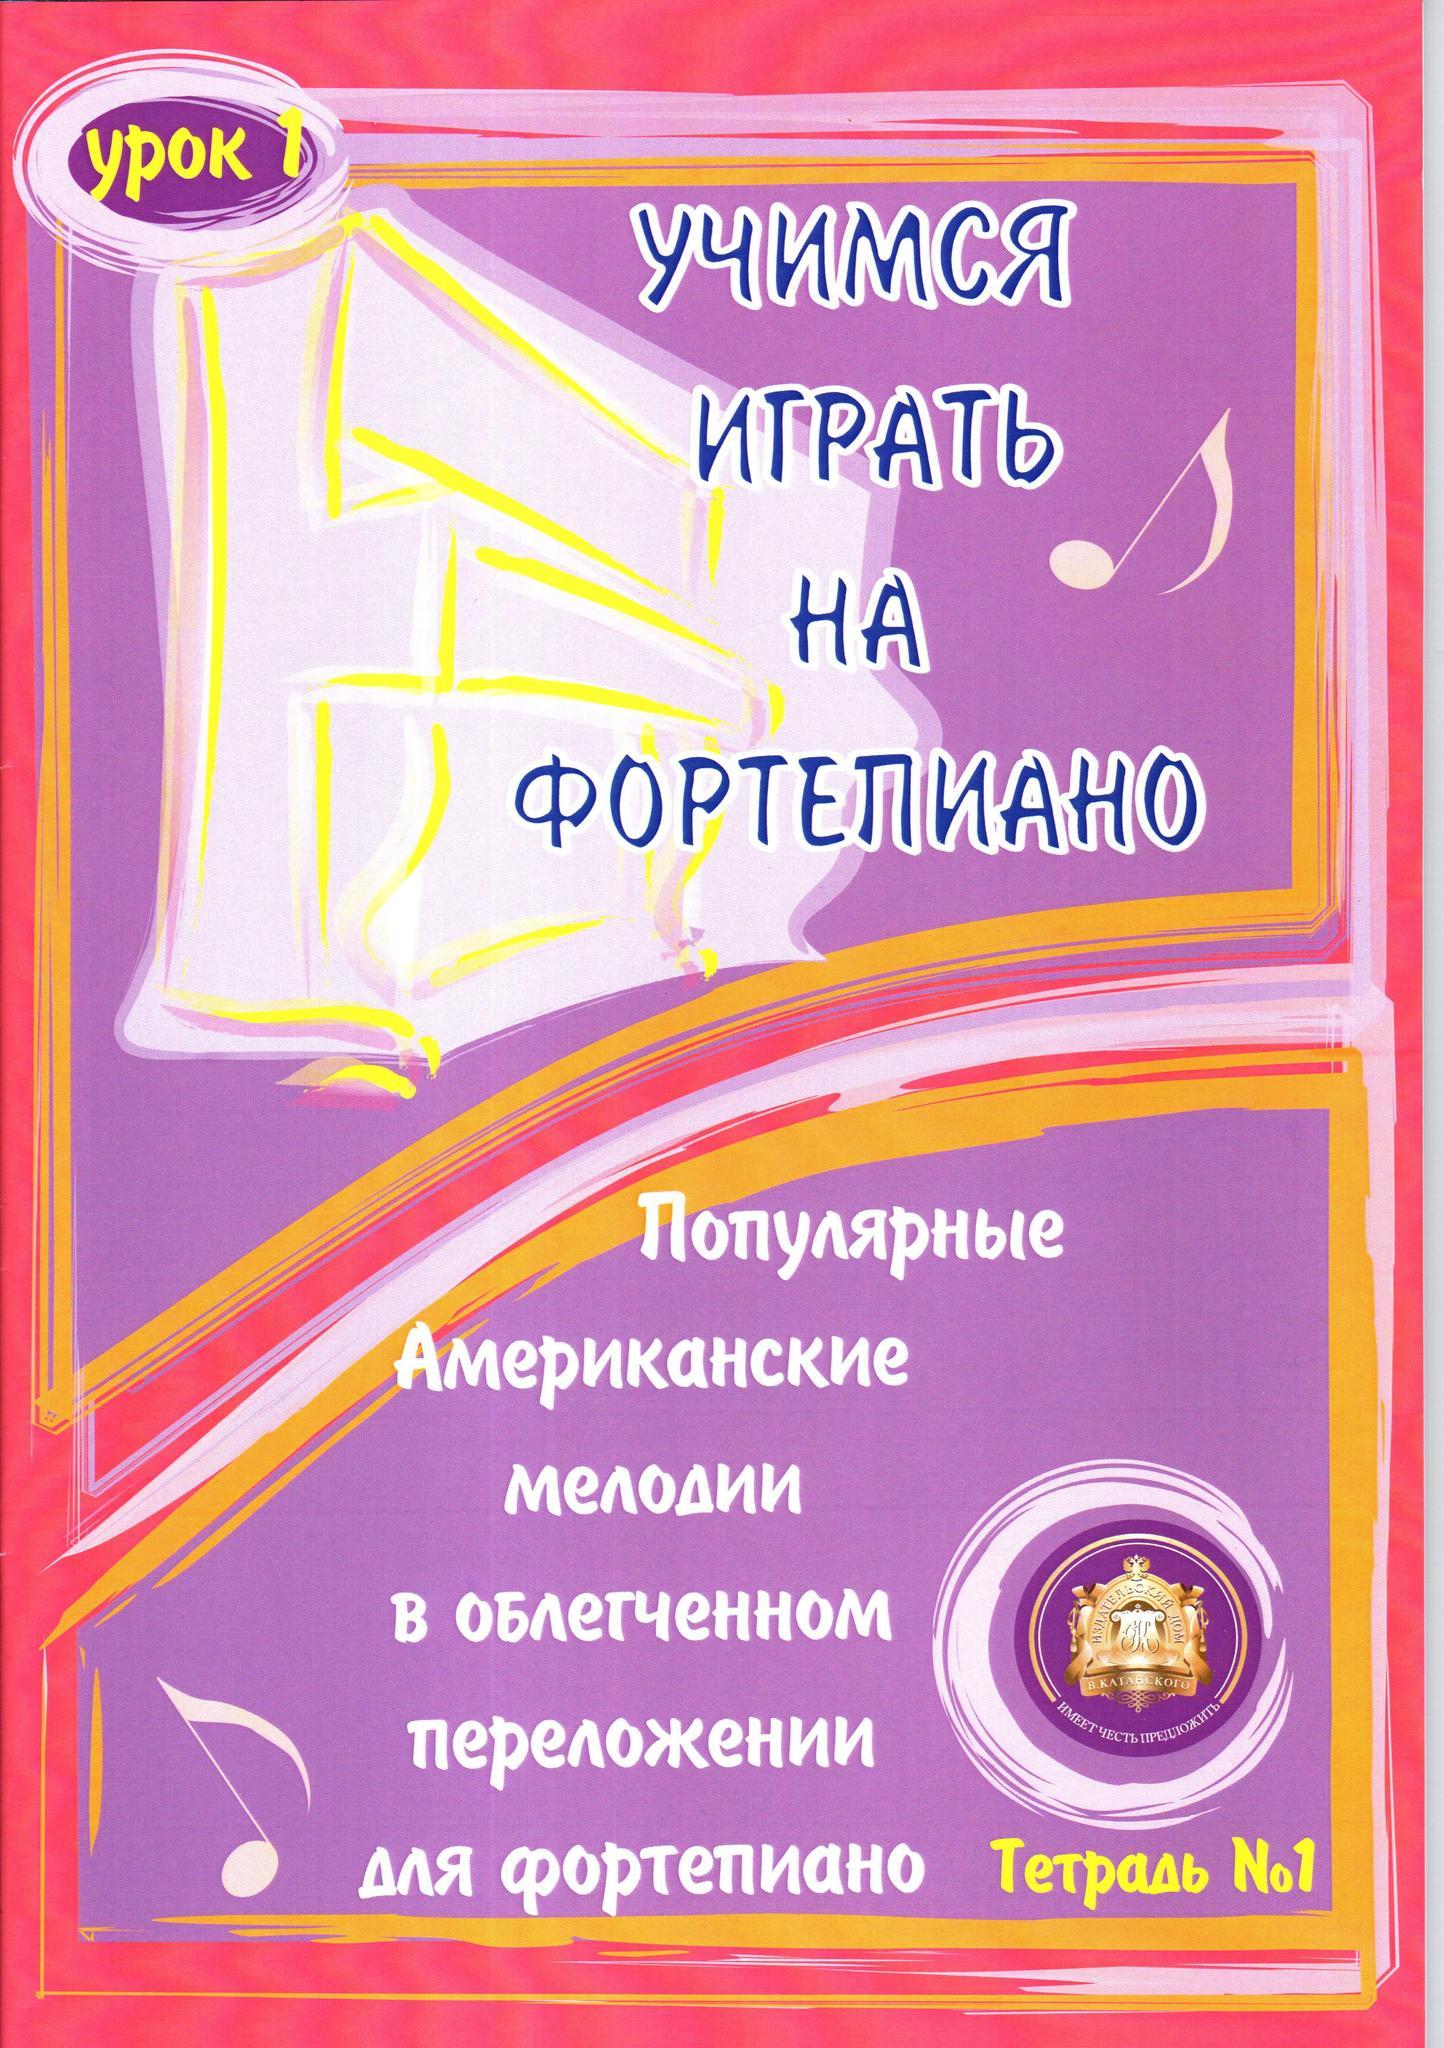 Составитель Катанский. Учимся играть на фортепиано. Урок 1.